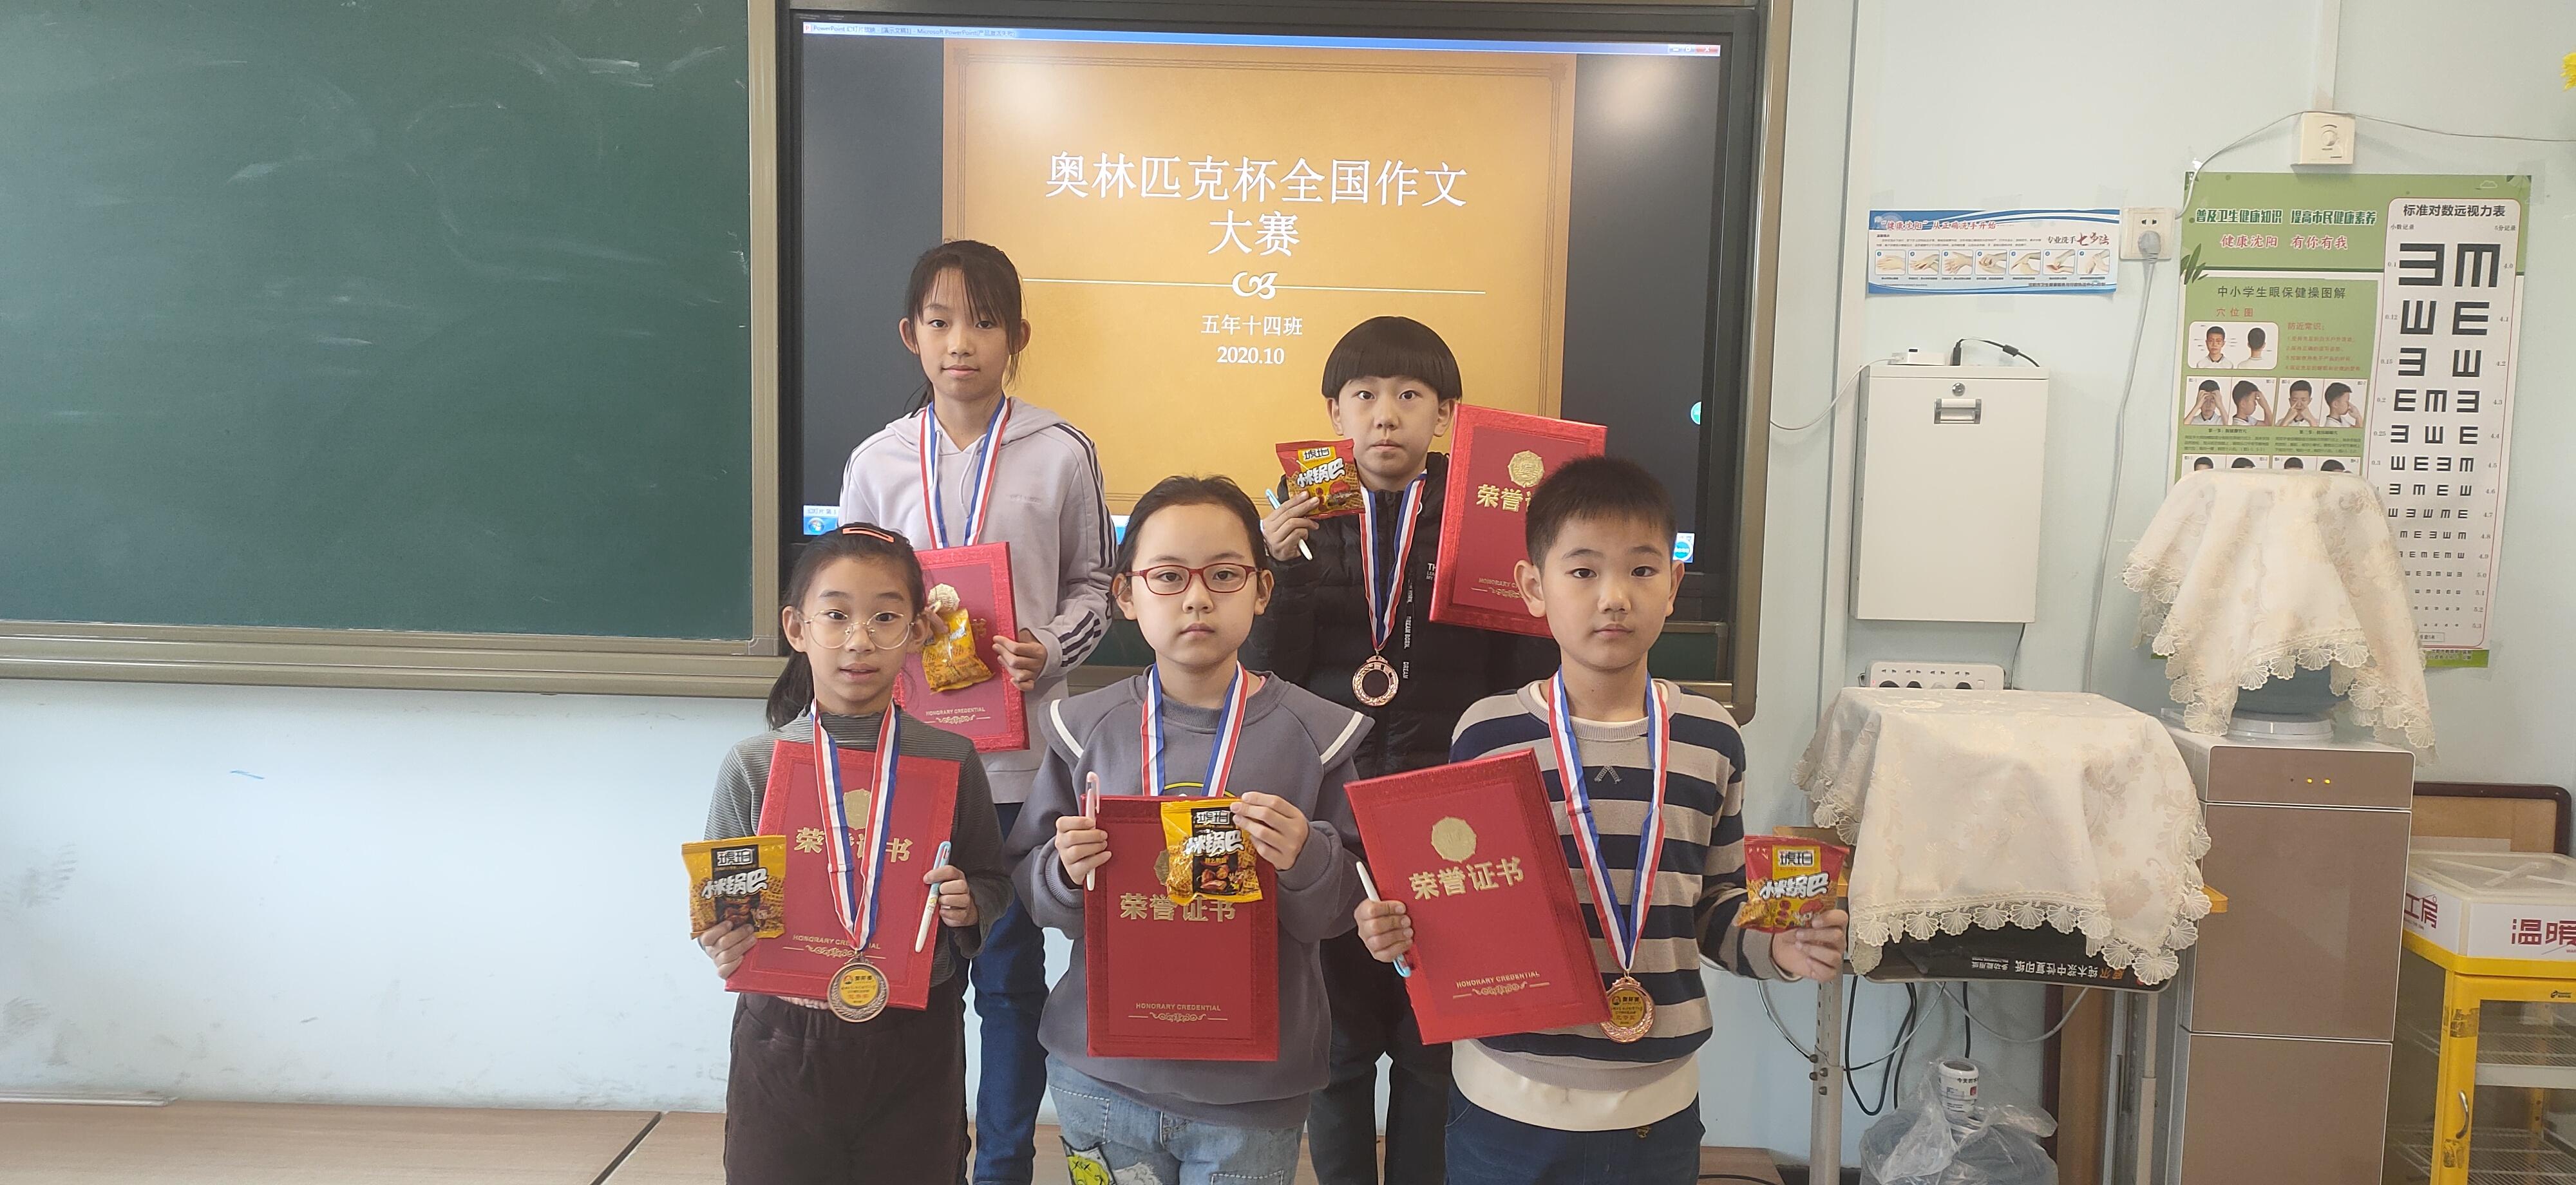 奥林匹克杯全国作文大赛三等奖(后排左1)